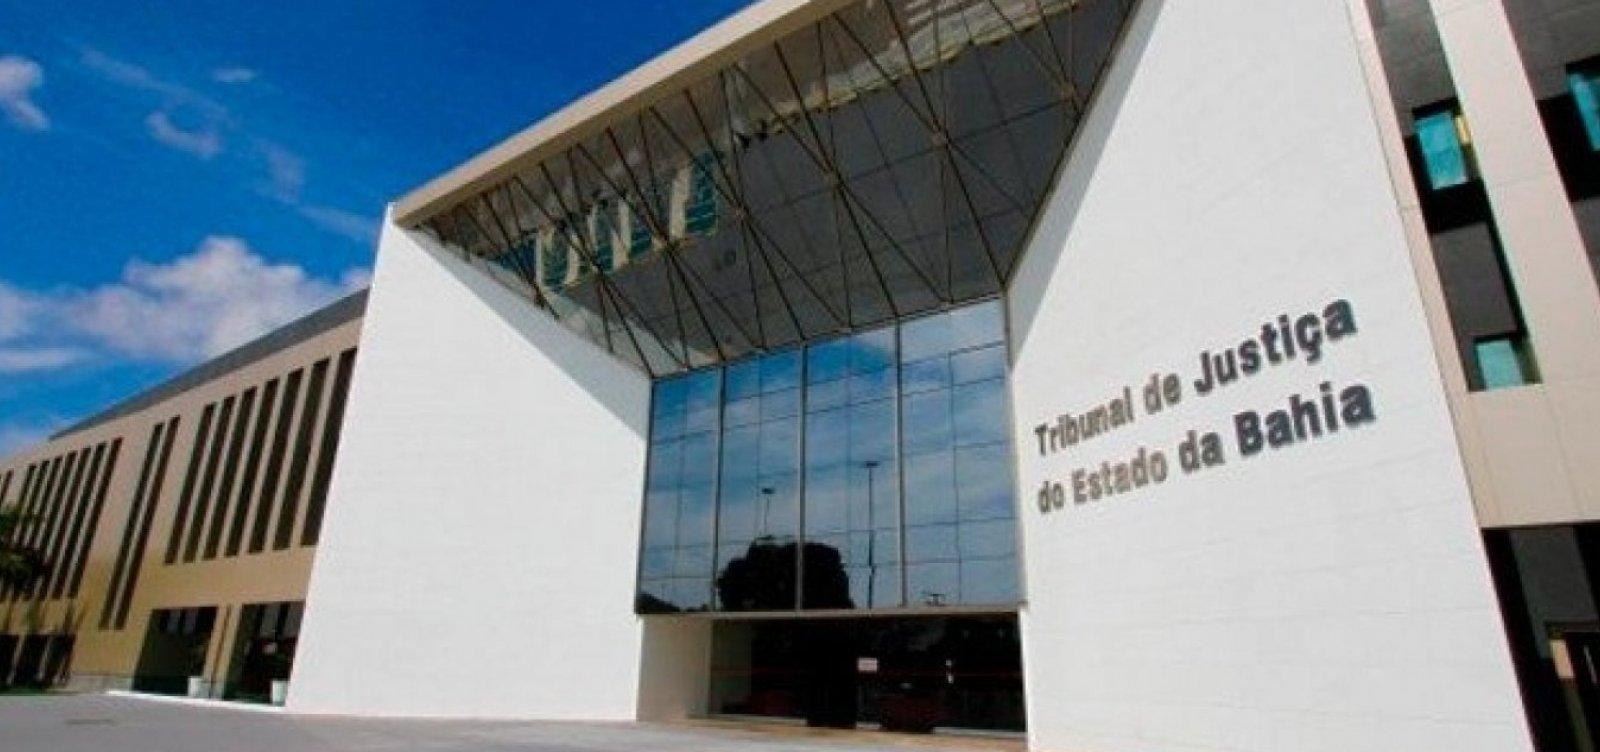 [Tribunal de Justiça suspende eleição para escolha de novos desembargadores]